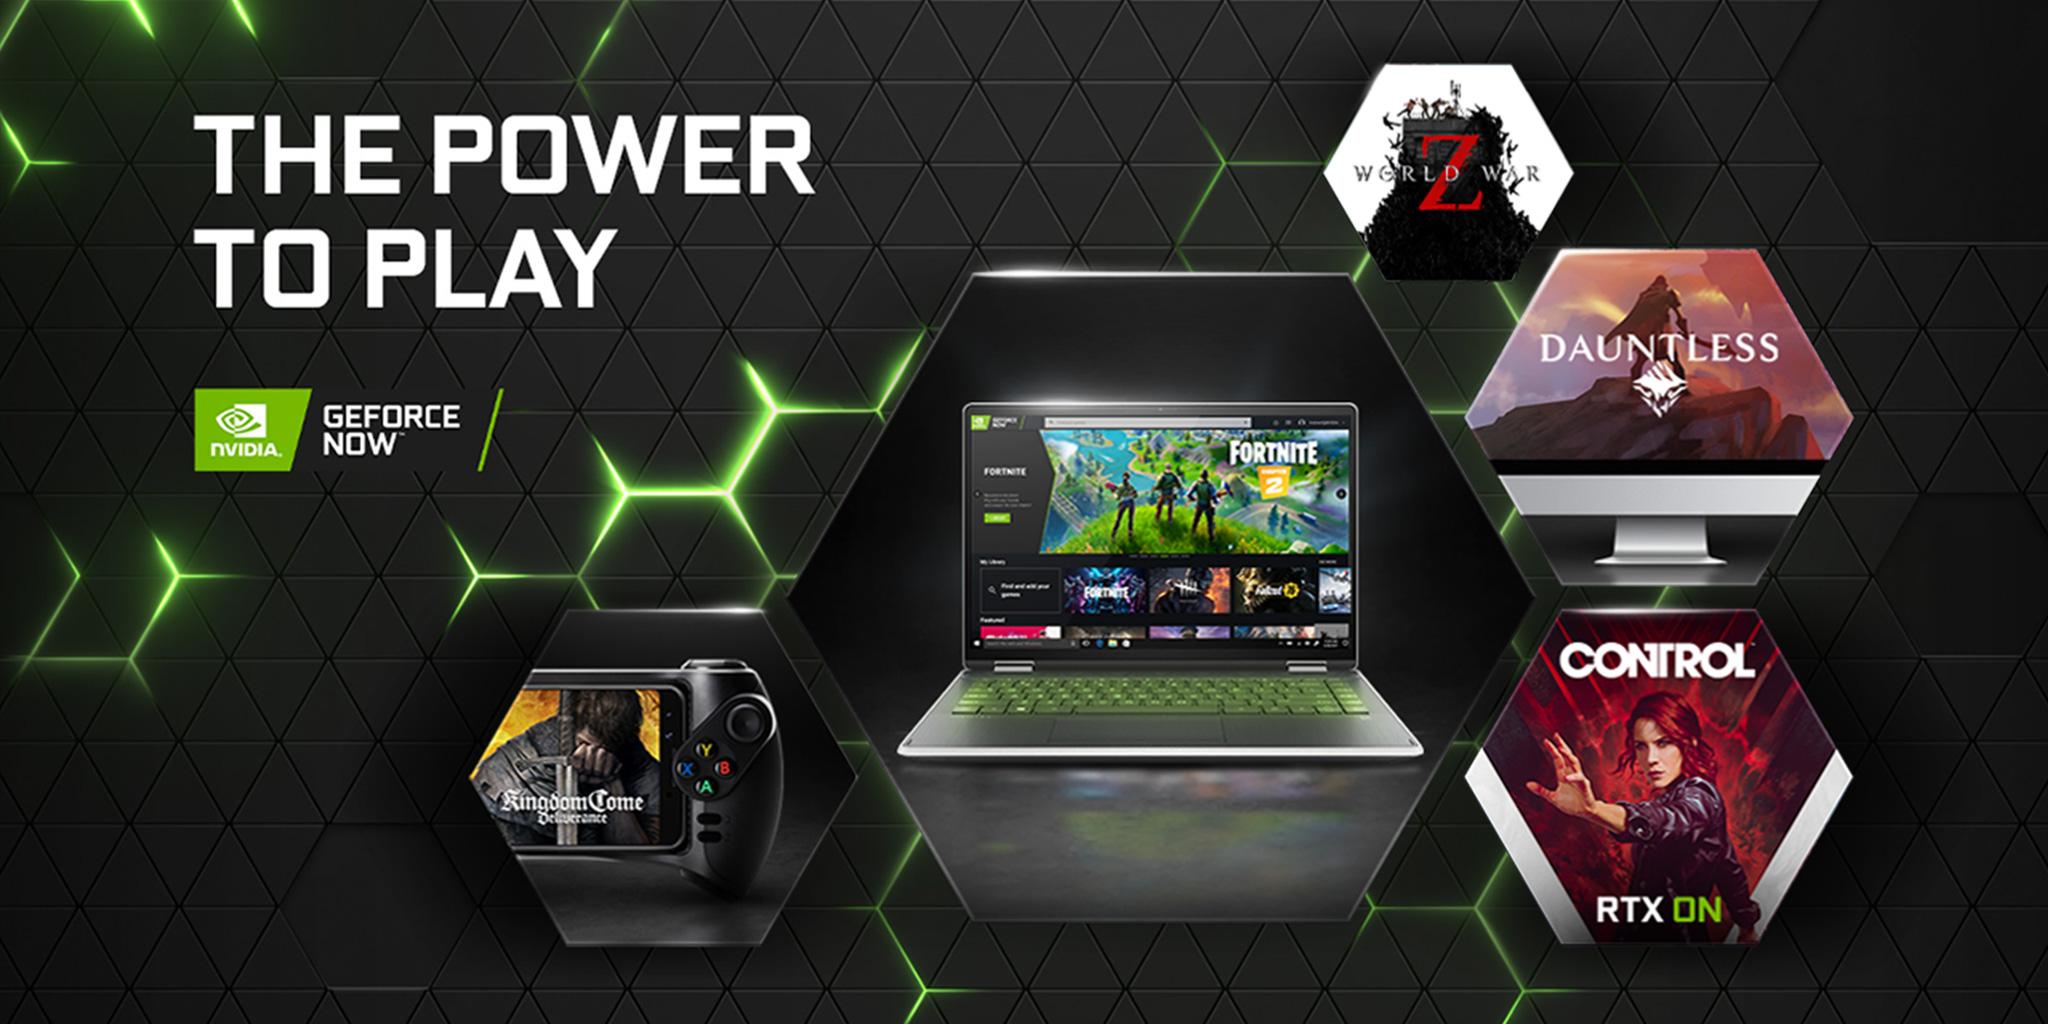 GeForce NOW: co czwartek nowe gry. W tym tygodniu m.in.: Control z obsługą ray tracingu 23